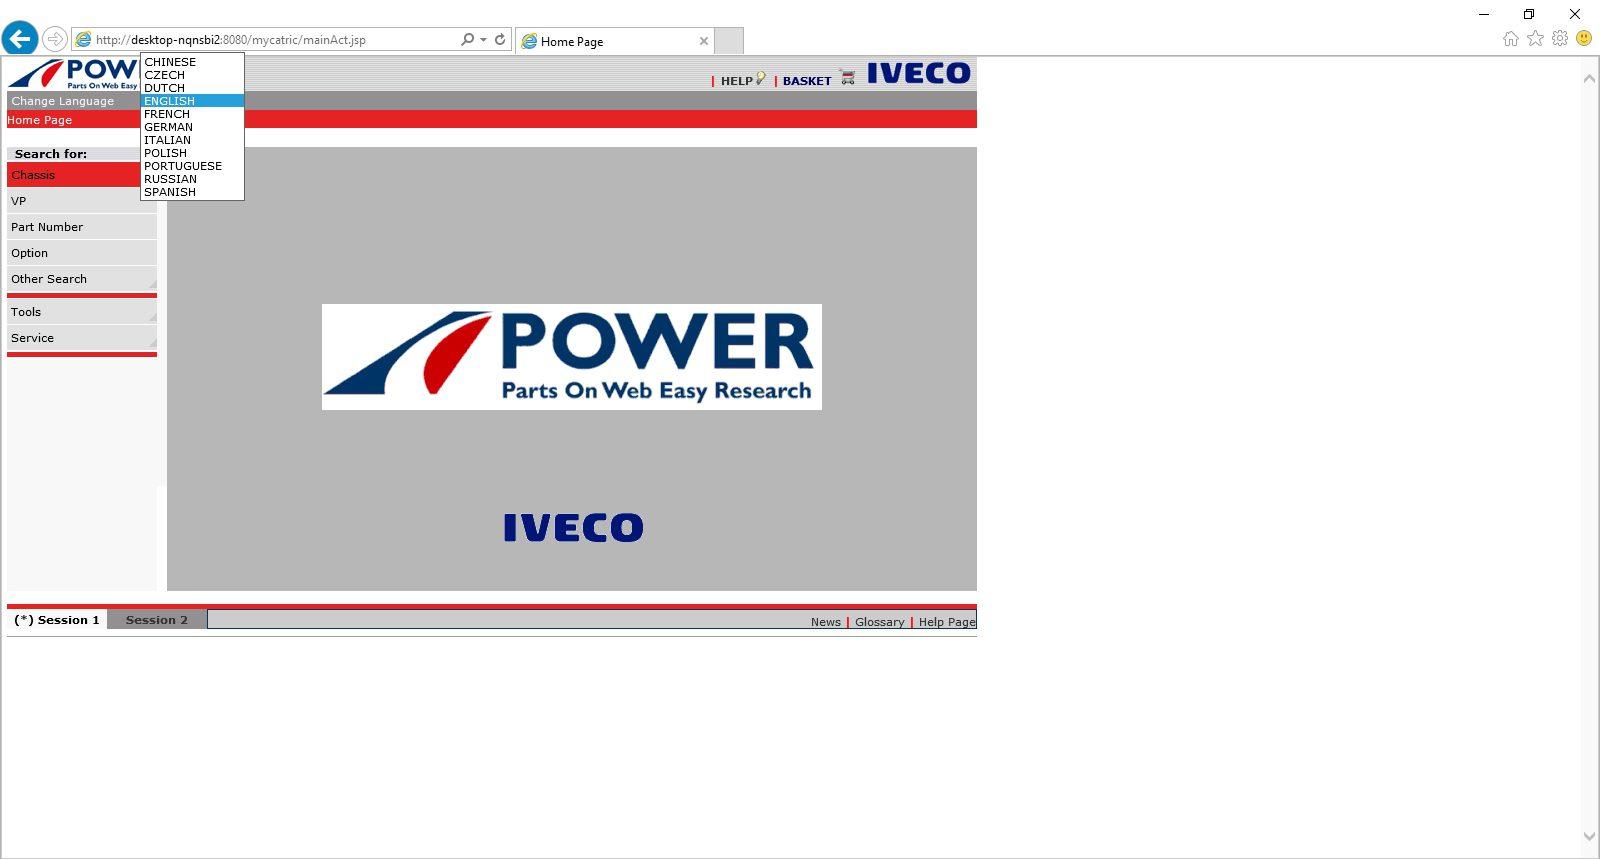 Iveco_Power_Trucks_Buses_Q1_012020_Full_Instruction_8